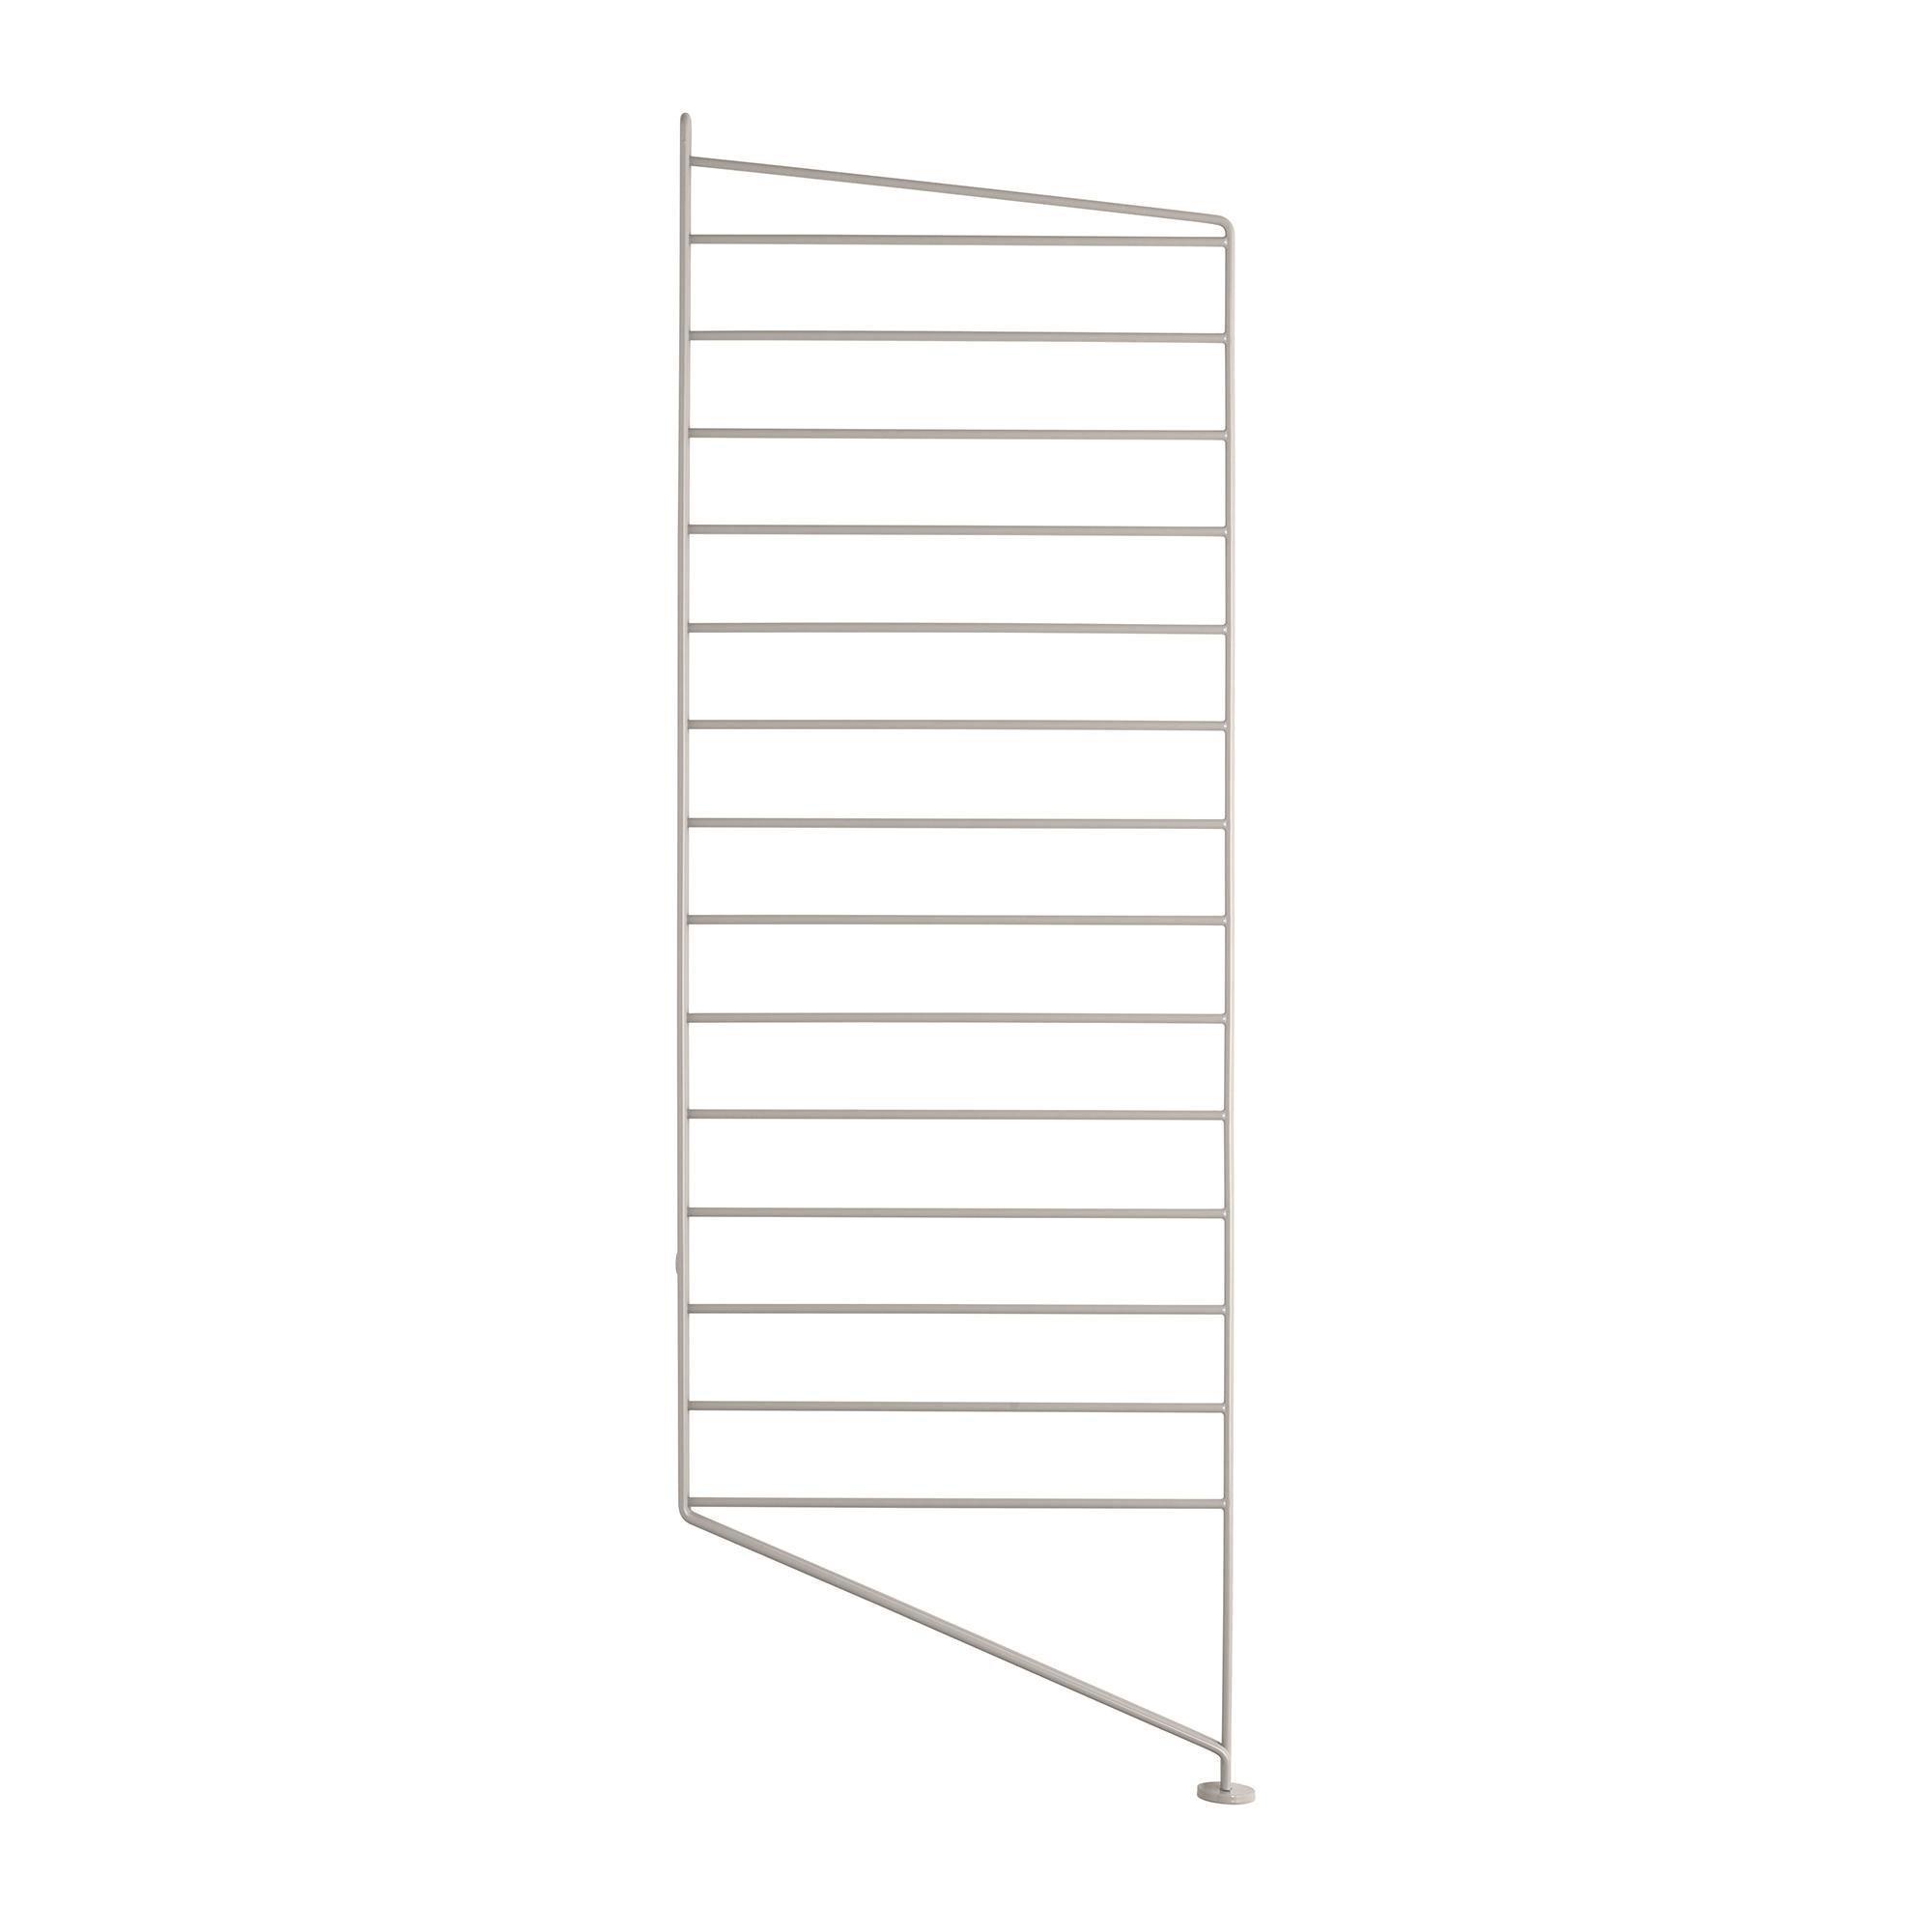 Bodenleiter Weiß 85 x 30 cm String